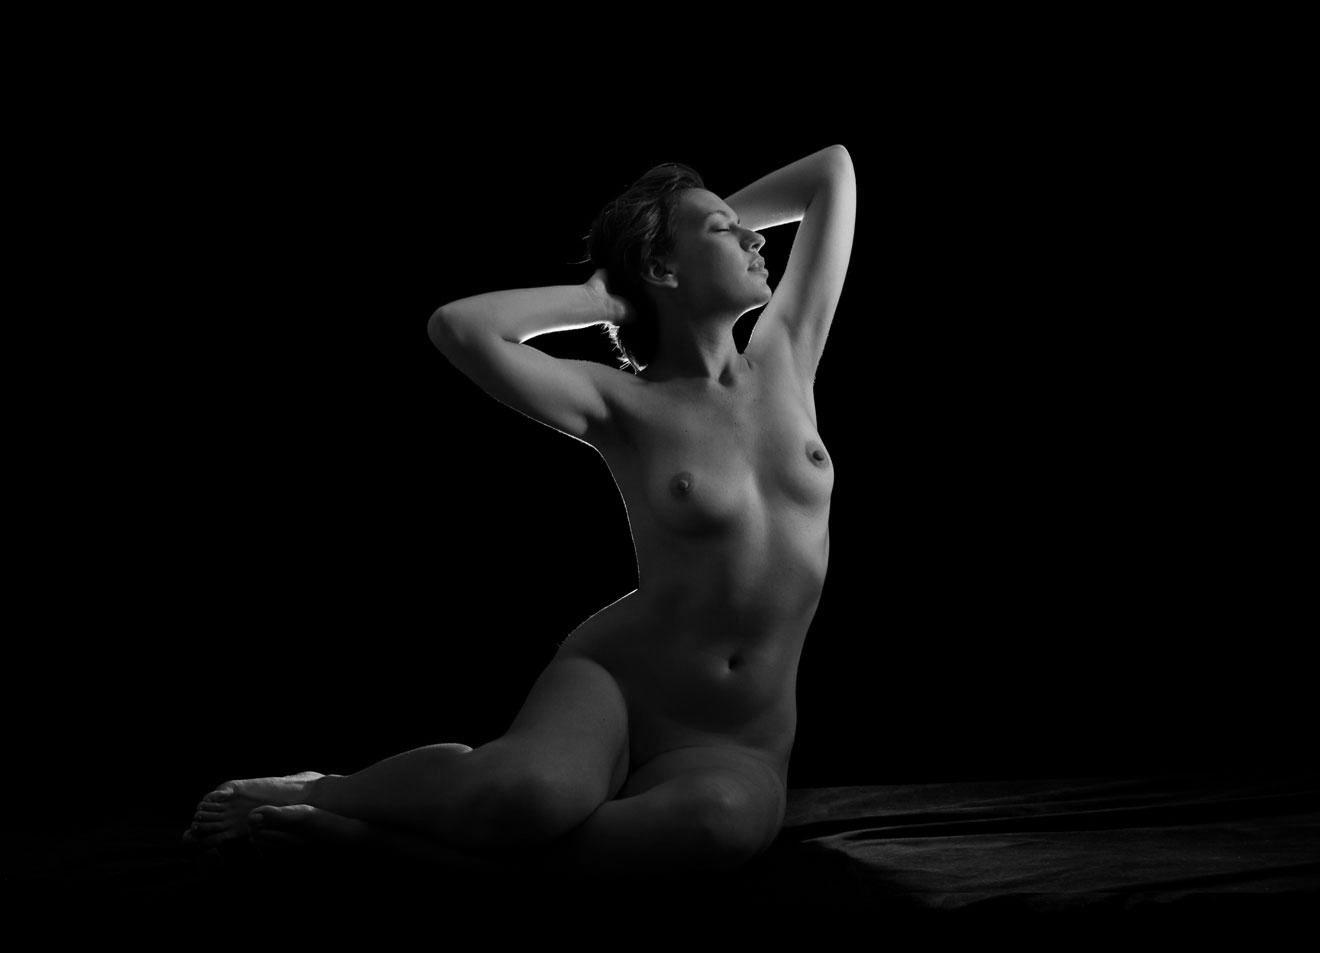 ... 1ra Comunión Servicios Embarazadas Desnudos Publicitarias Contacto